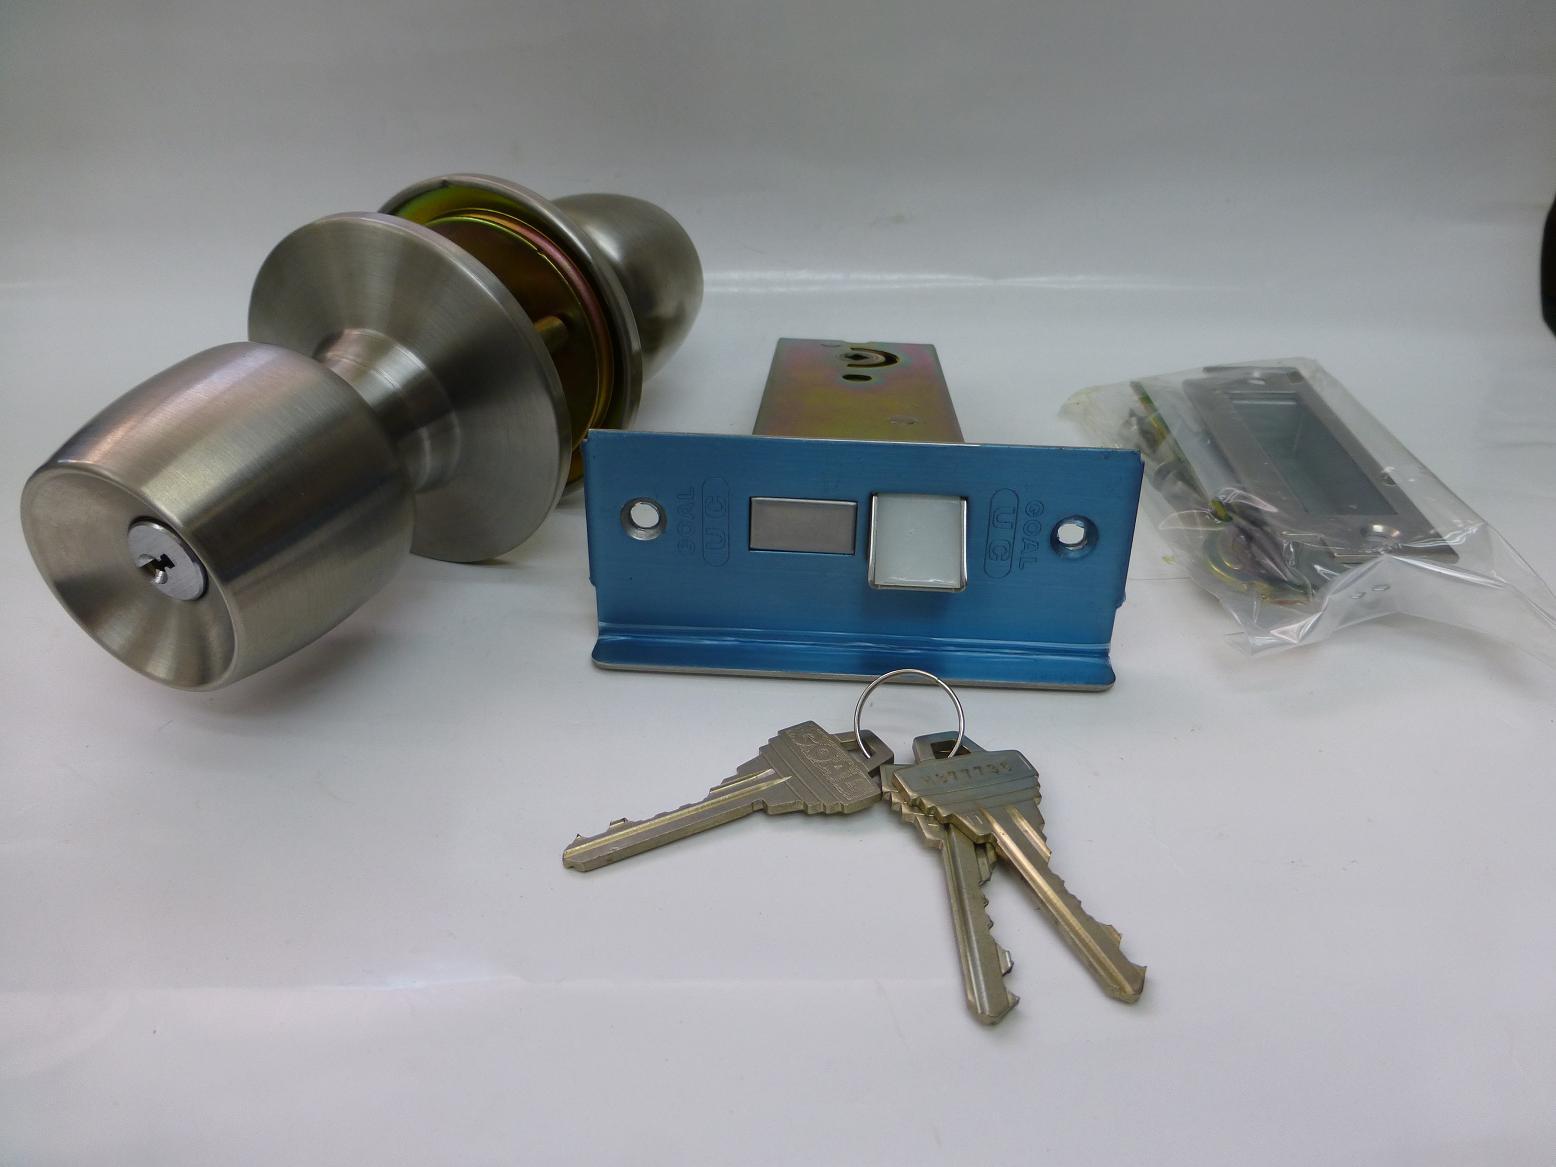 フロント43X103ビスピッチ80mm GOAL 握り玉錠 P-UC5Q 再入荷 予約販売 25~33mm B S100mm 通信販売